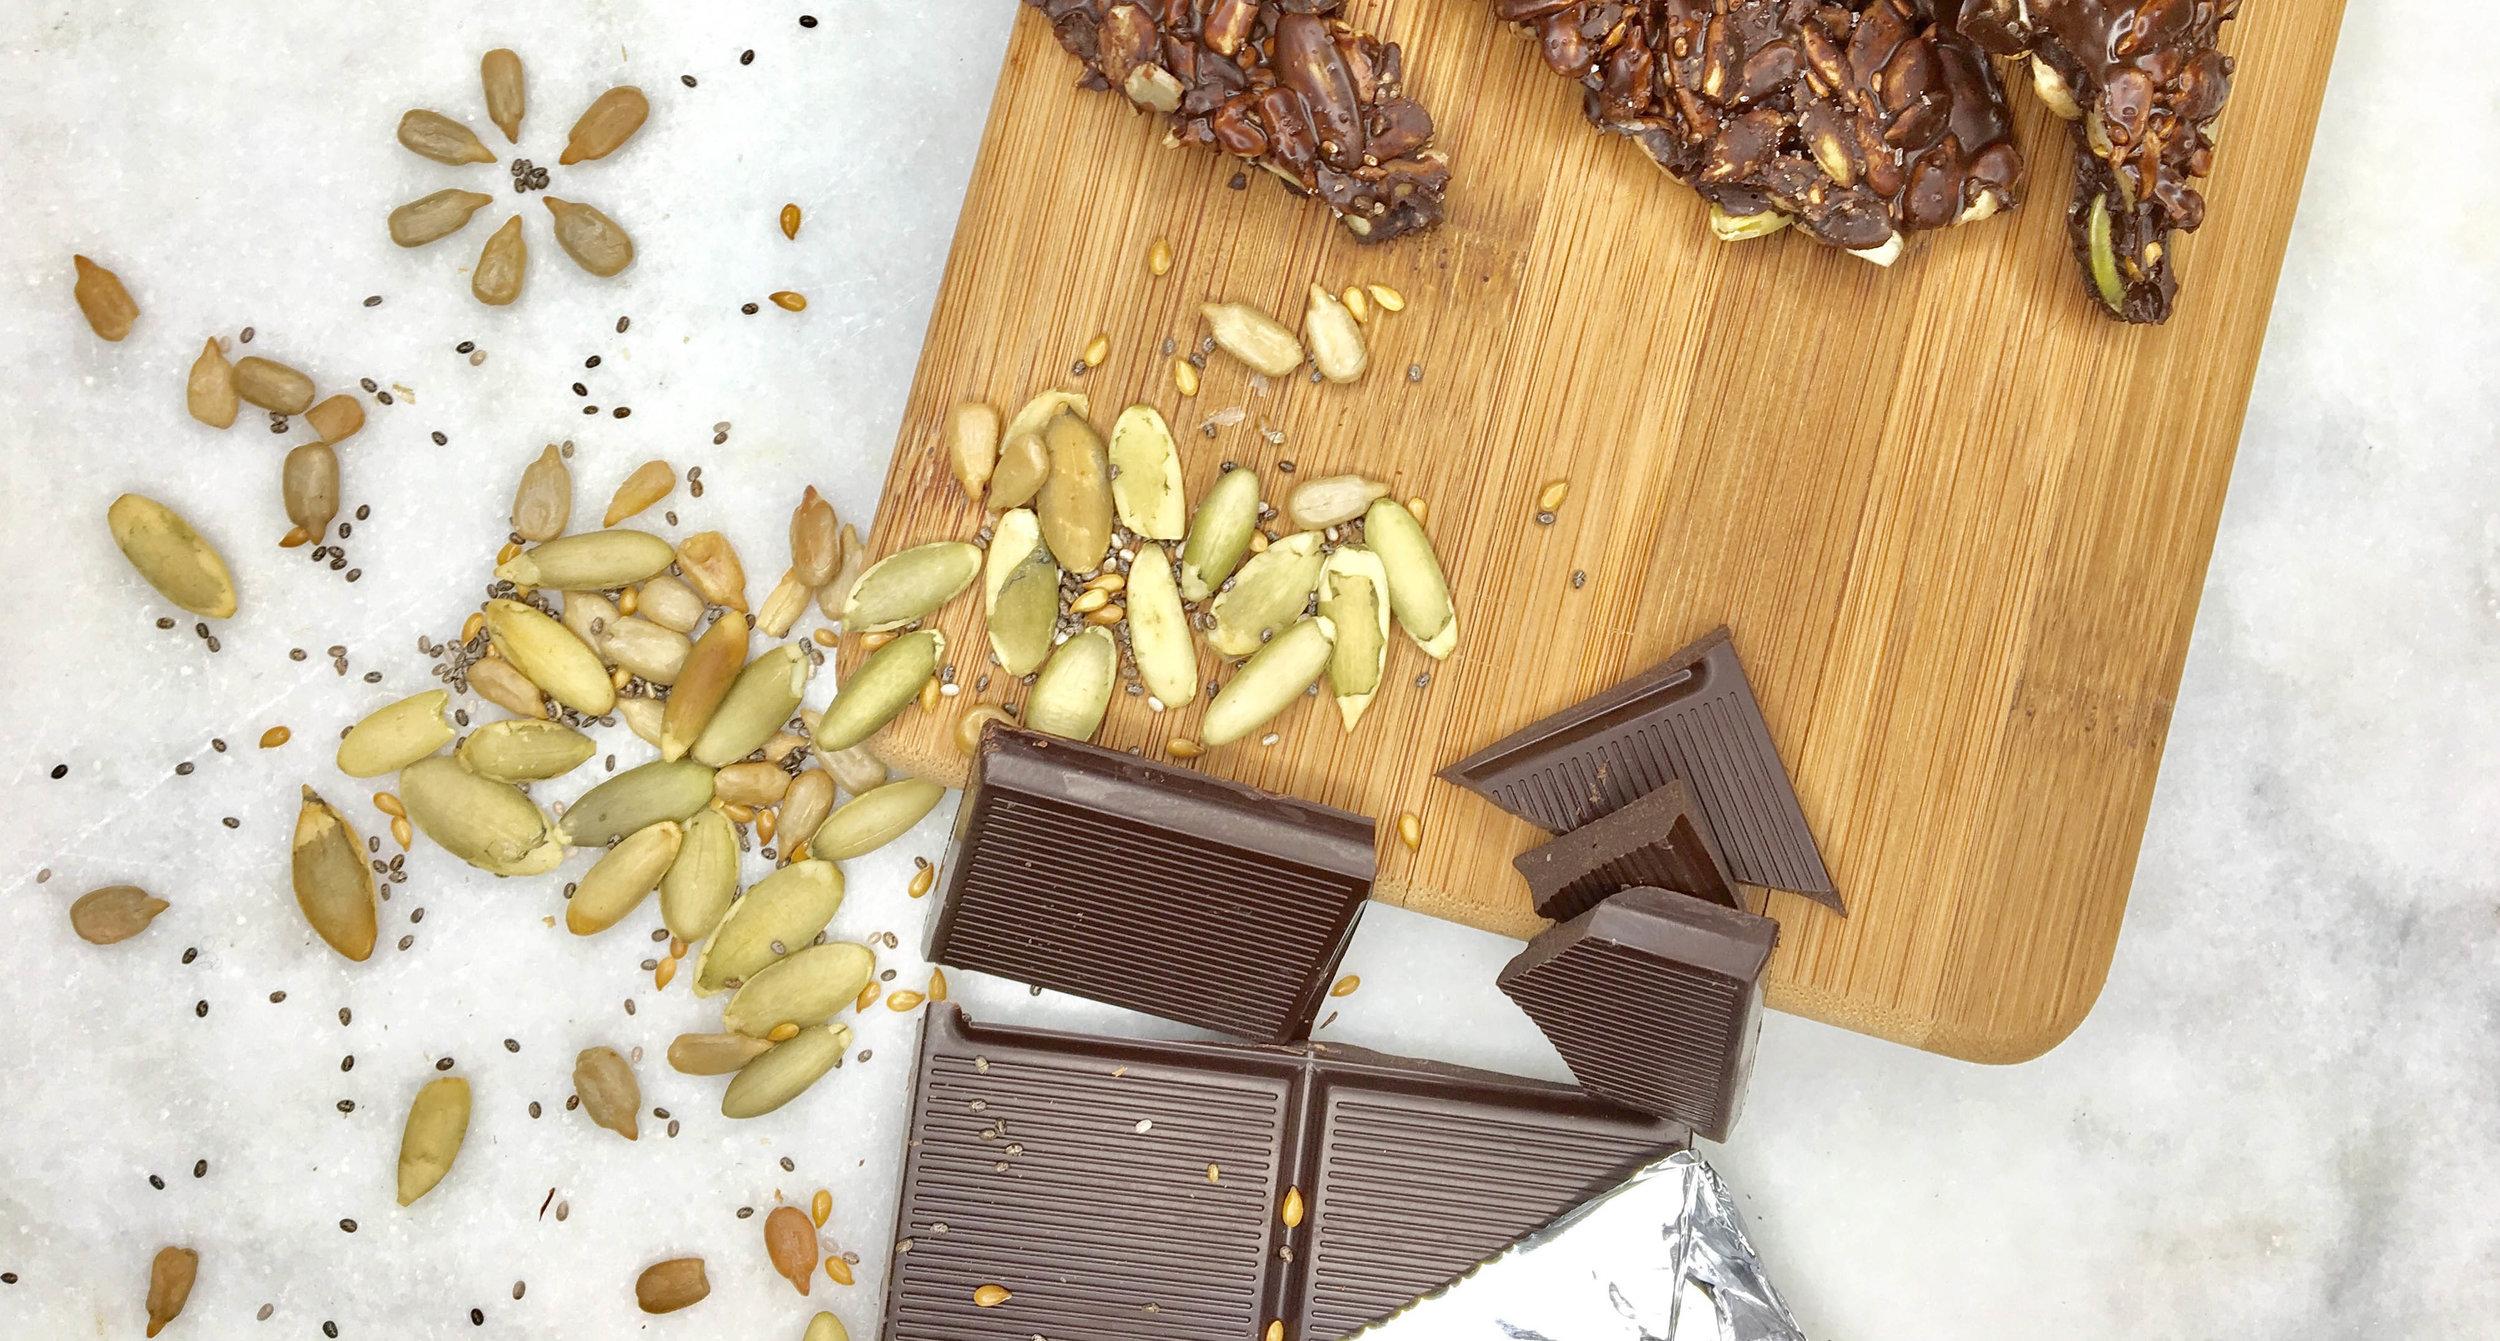 seed-chocolate.jpg